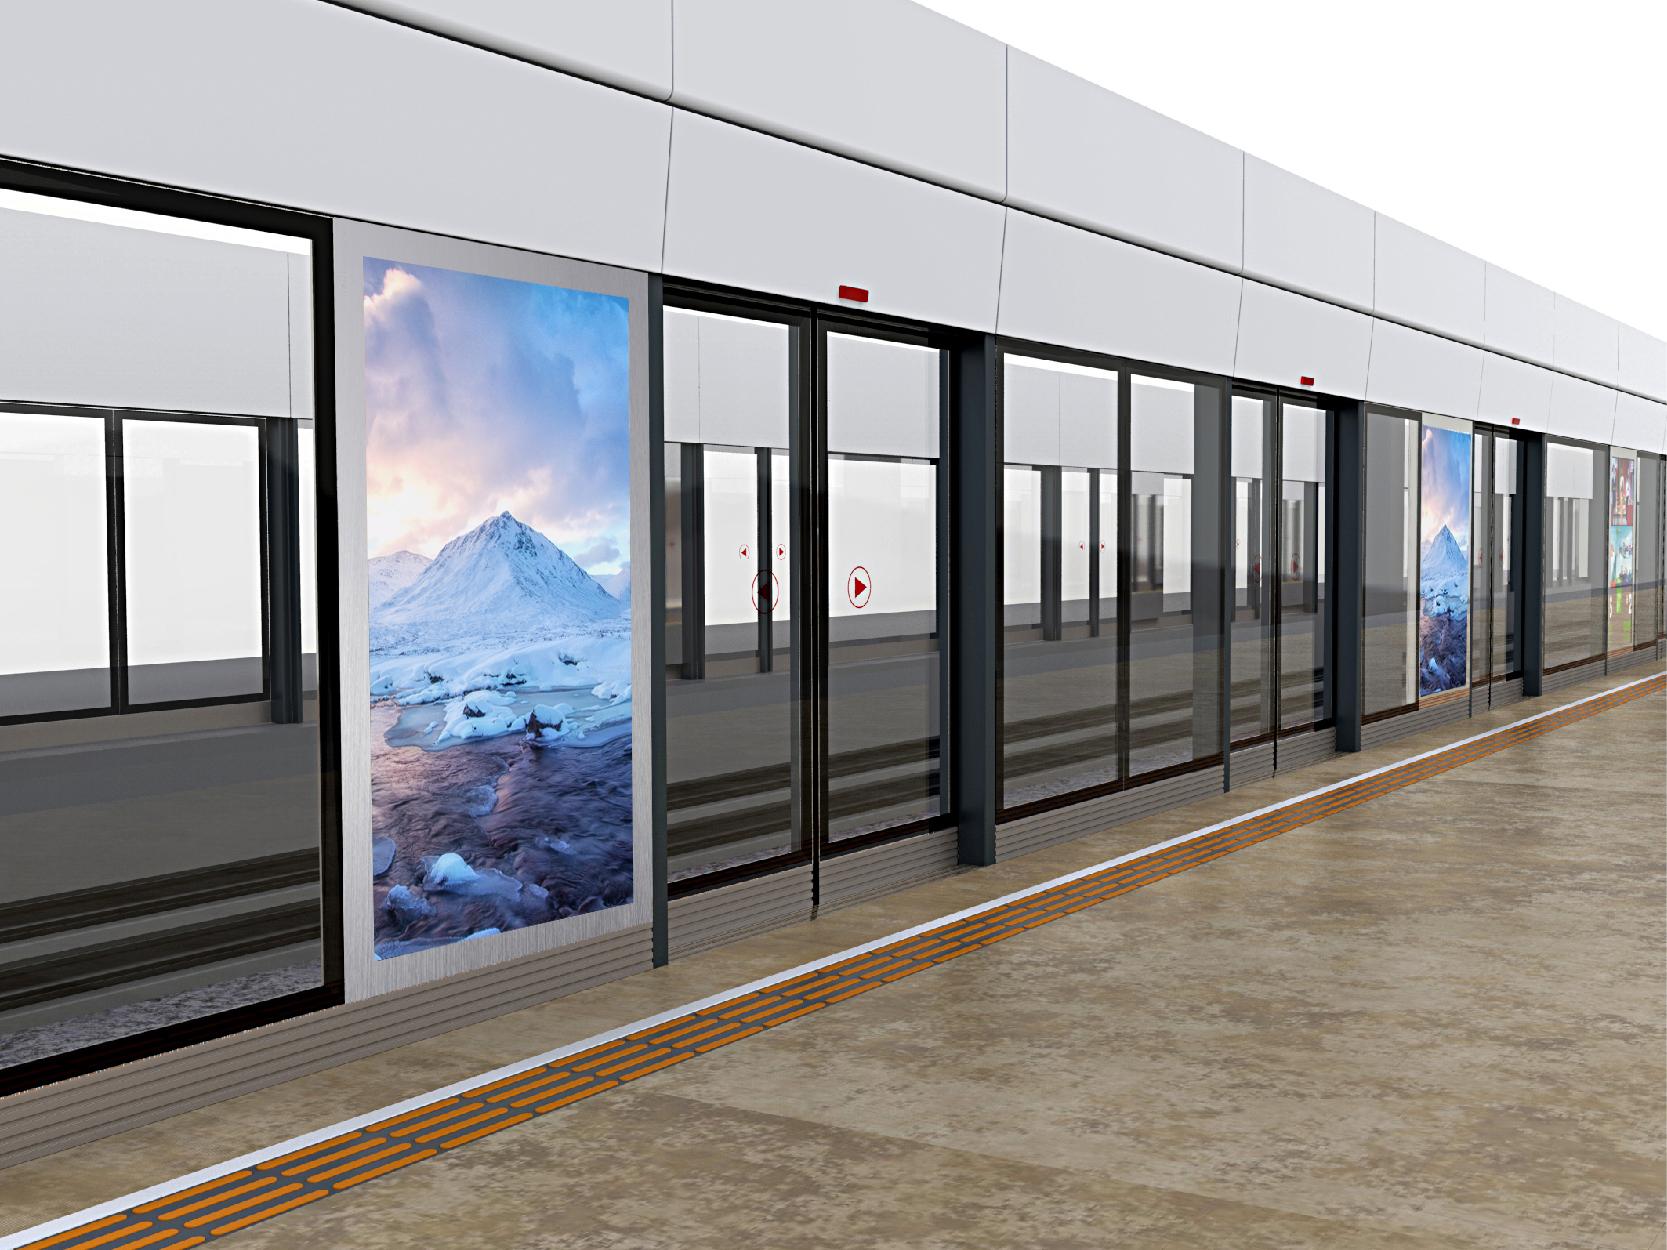 Keewin TrainMetro Platform Screen Door Displays-keewin.jpg